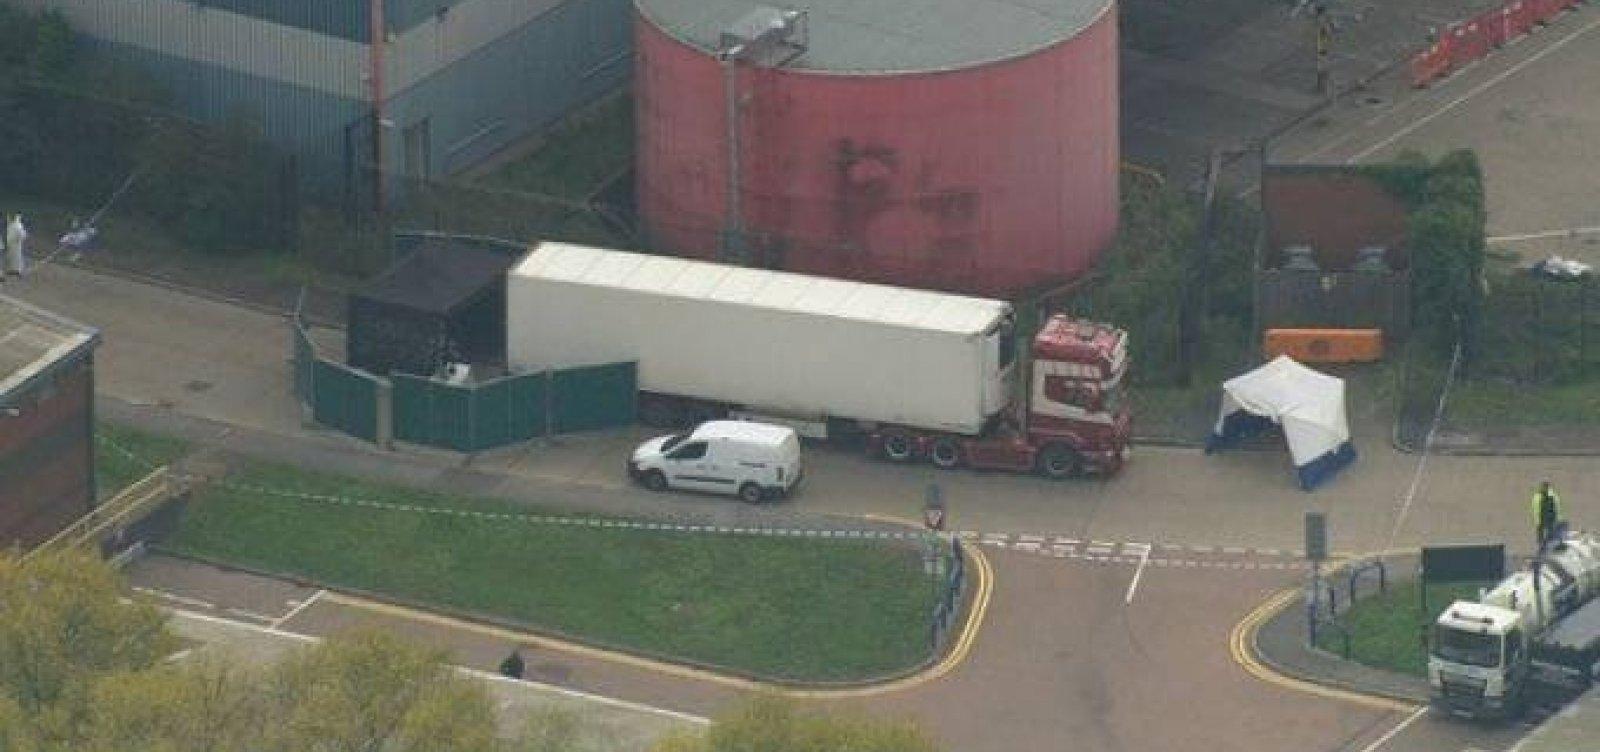 [Polícia localiza 39 corpos em um caminhão no Reino Unido]